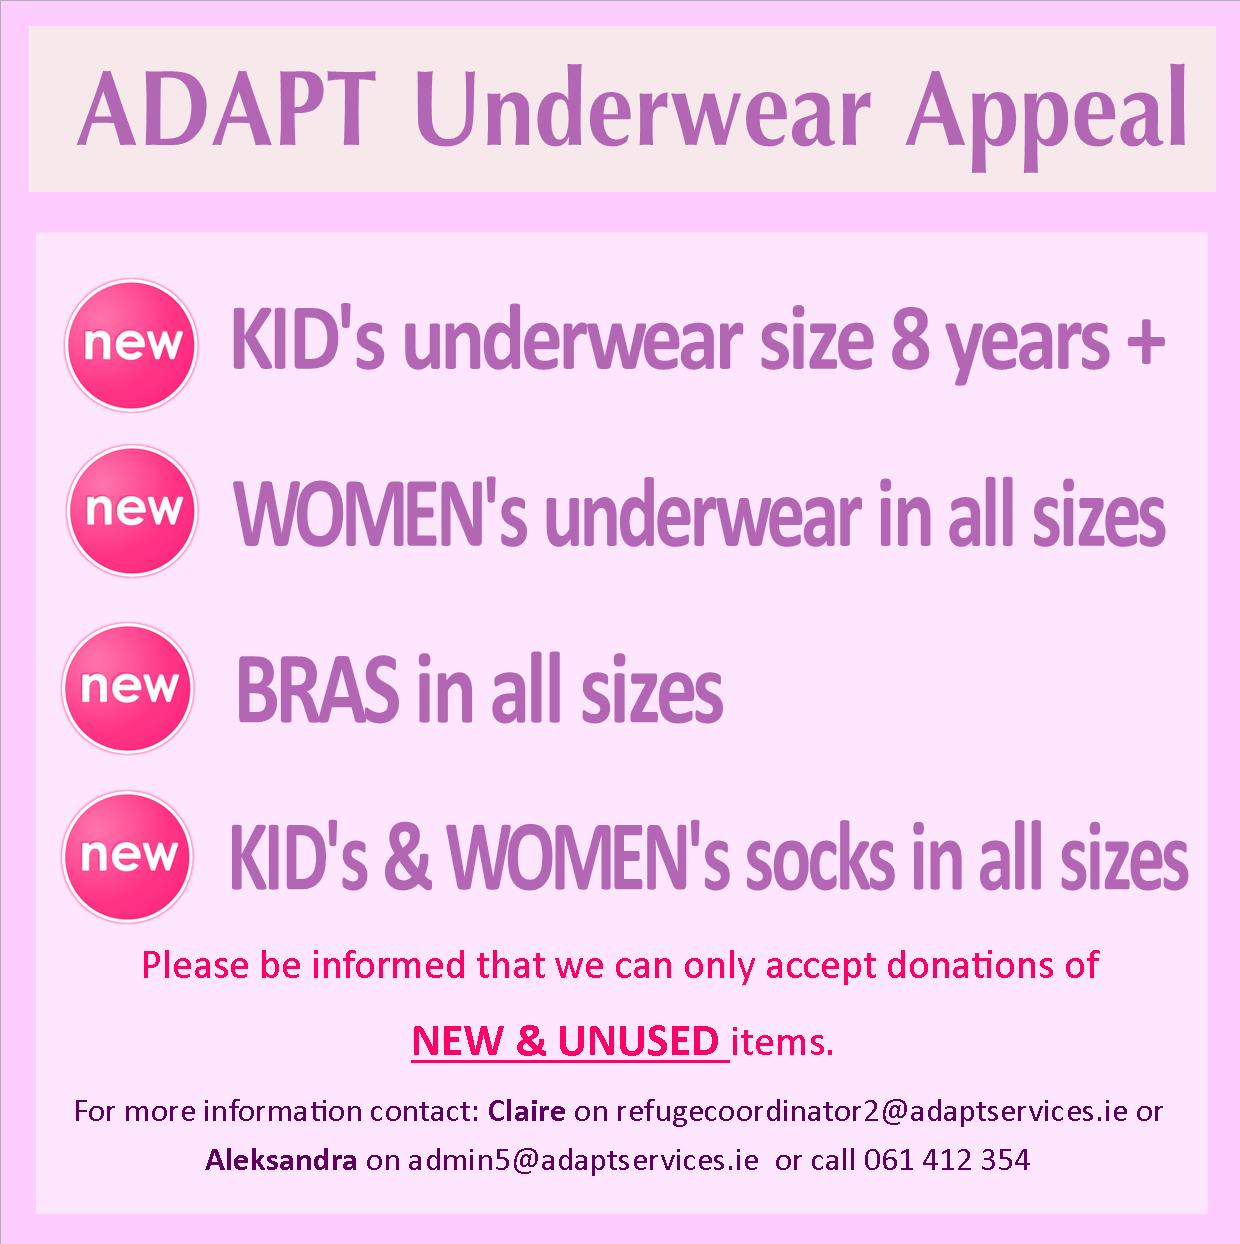 Underwear appeal